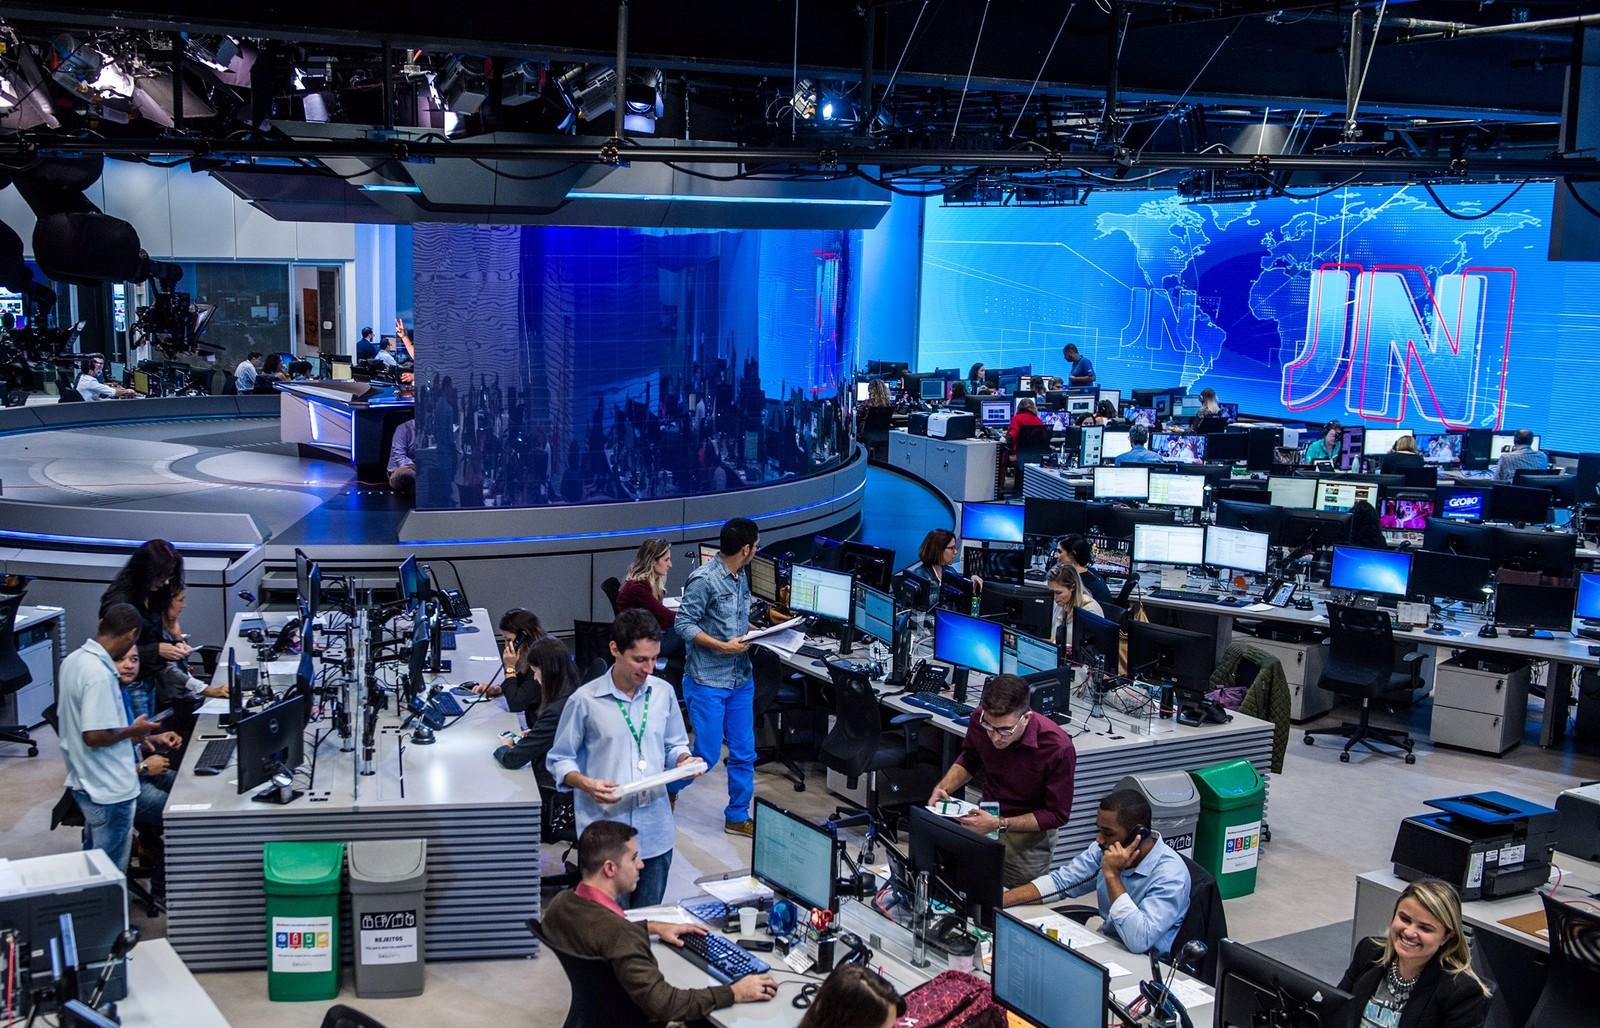 Nova redação do jornalismo da Globo - Crédito: João Cotta/Globo/Divulgação